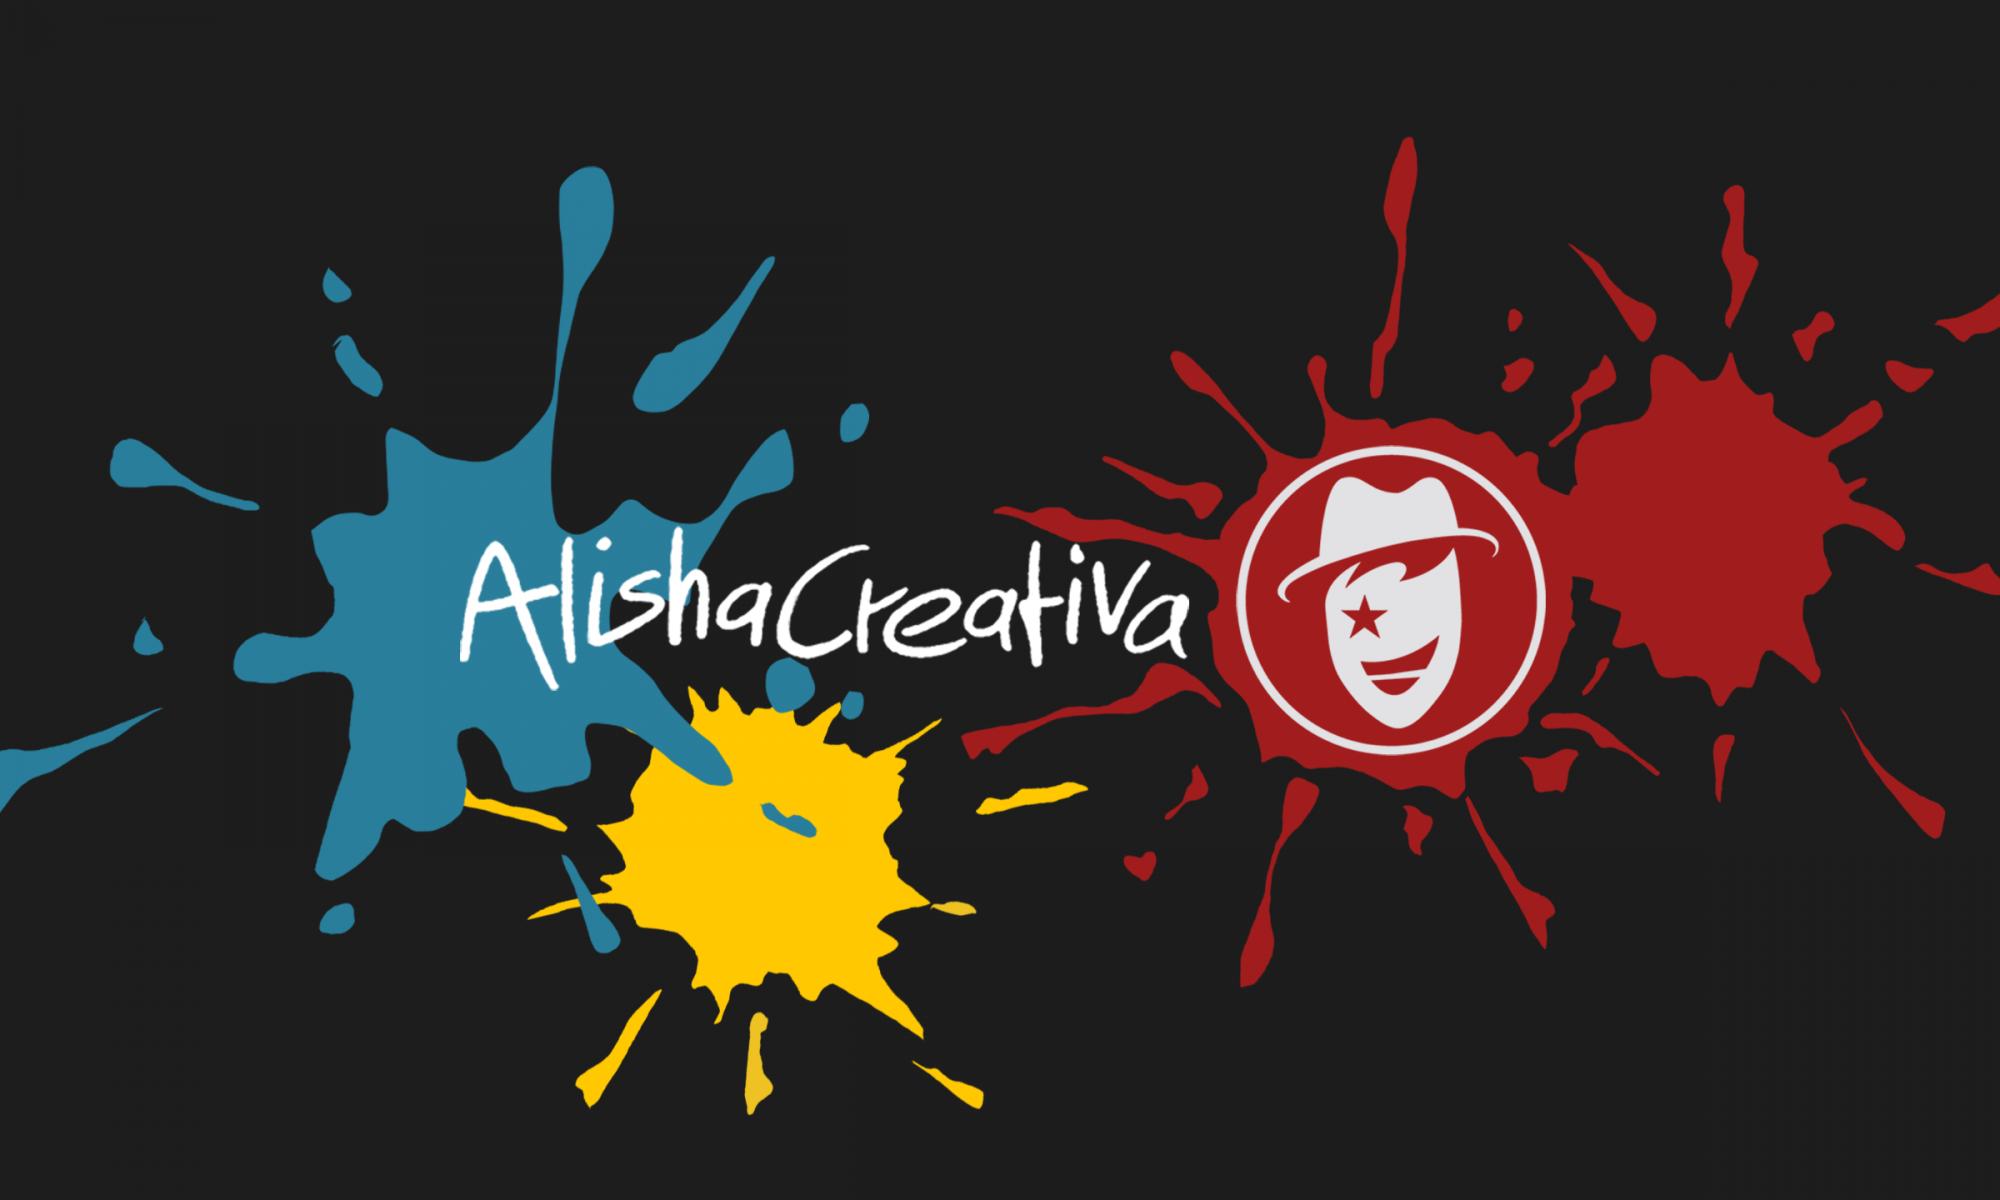 Alisha Creativa